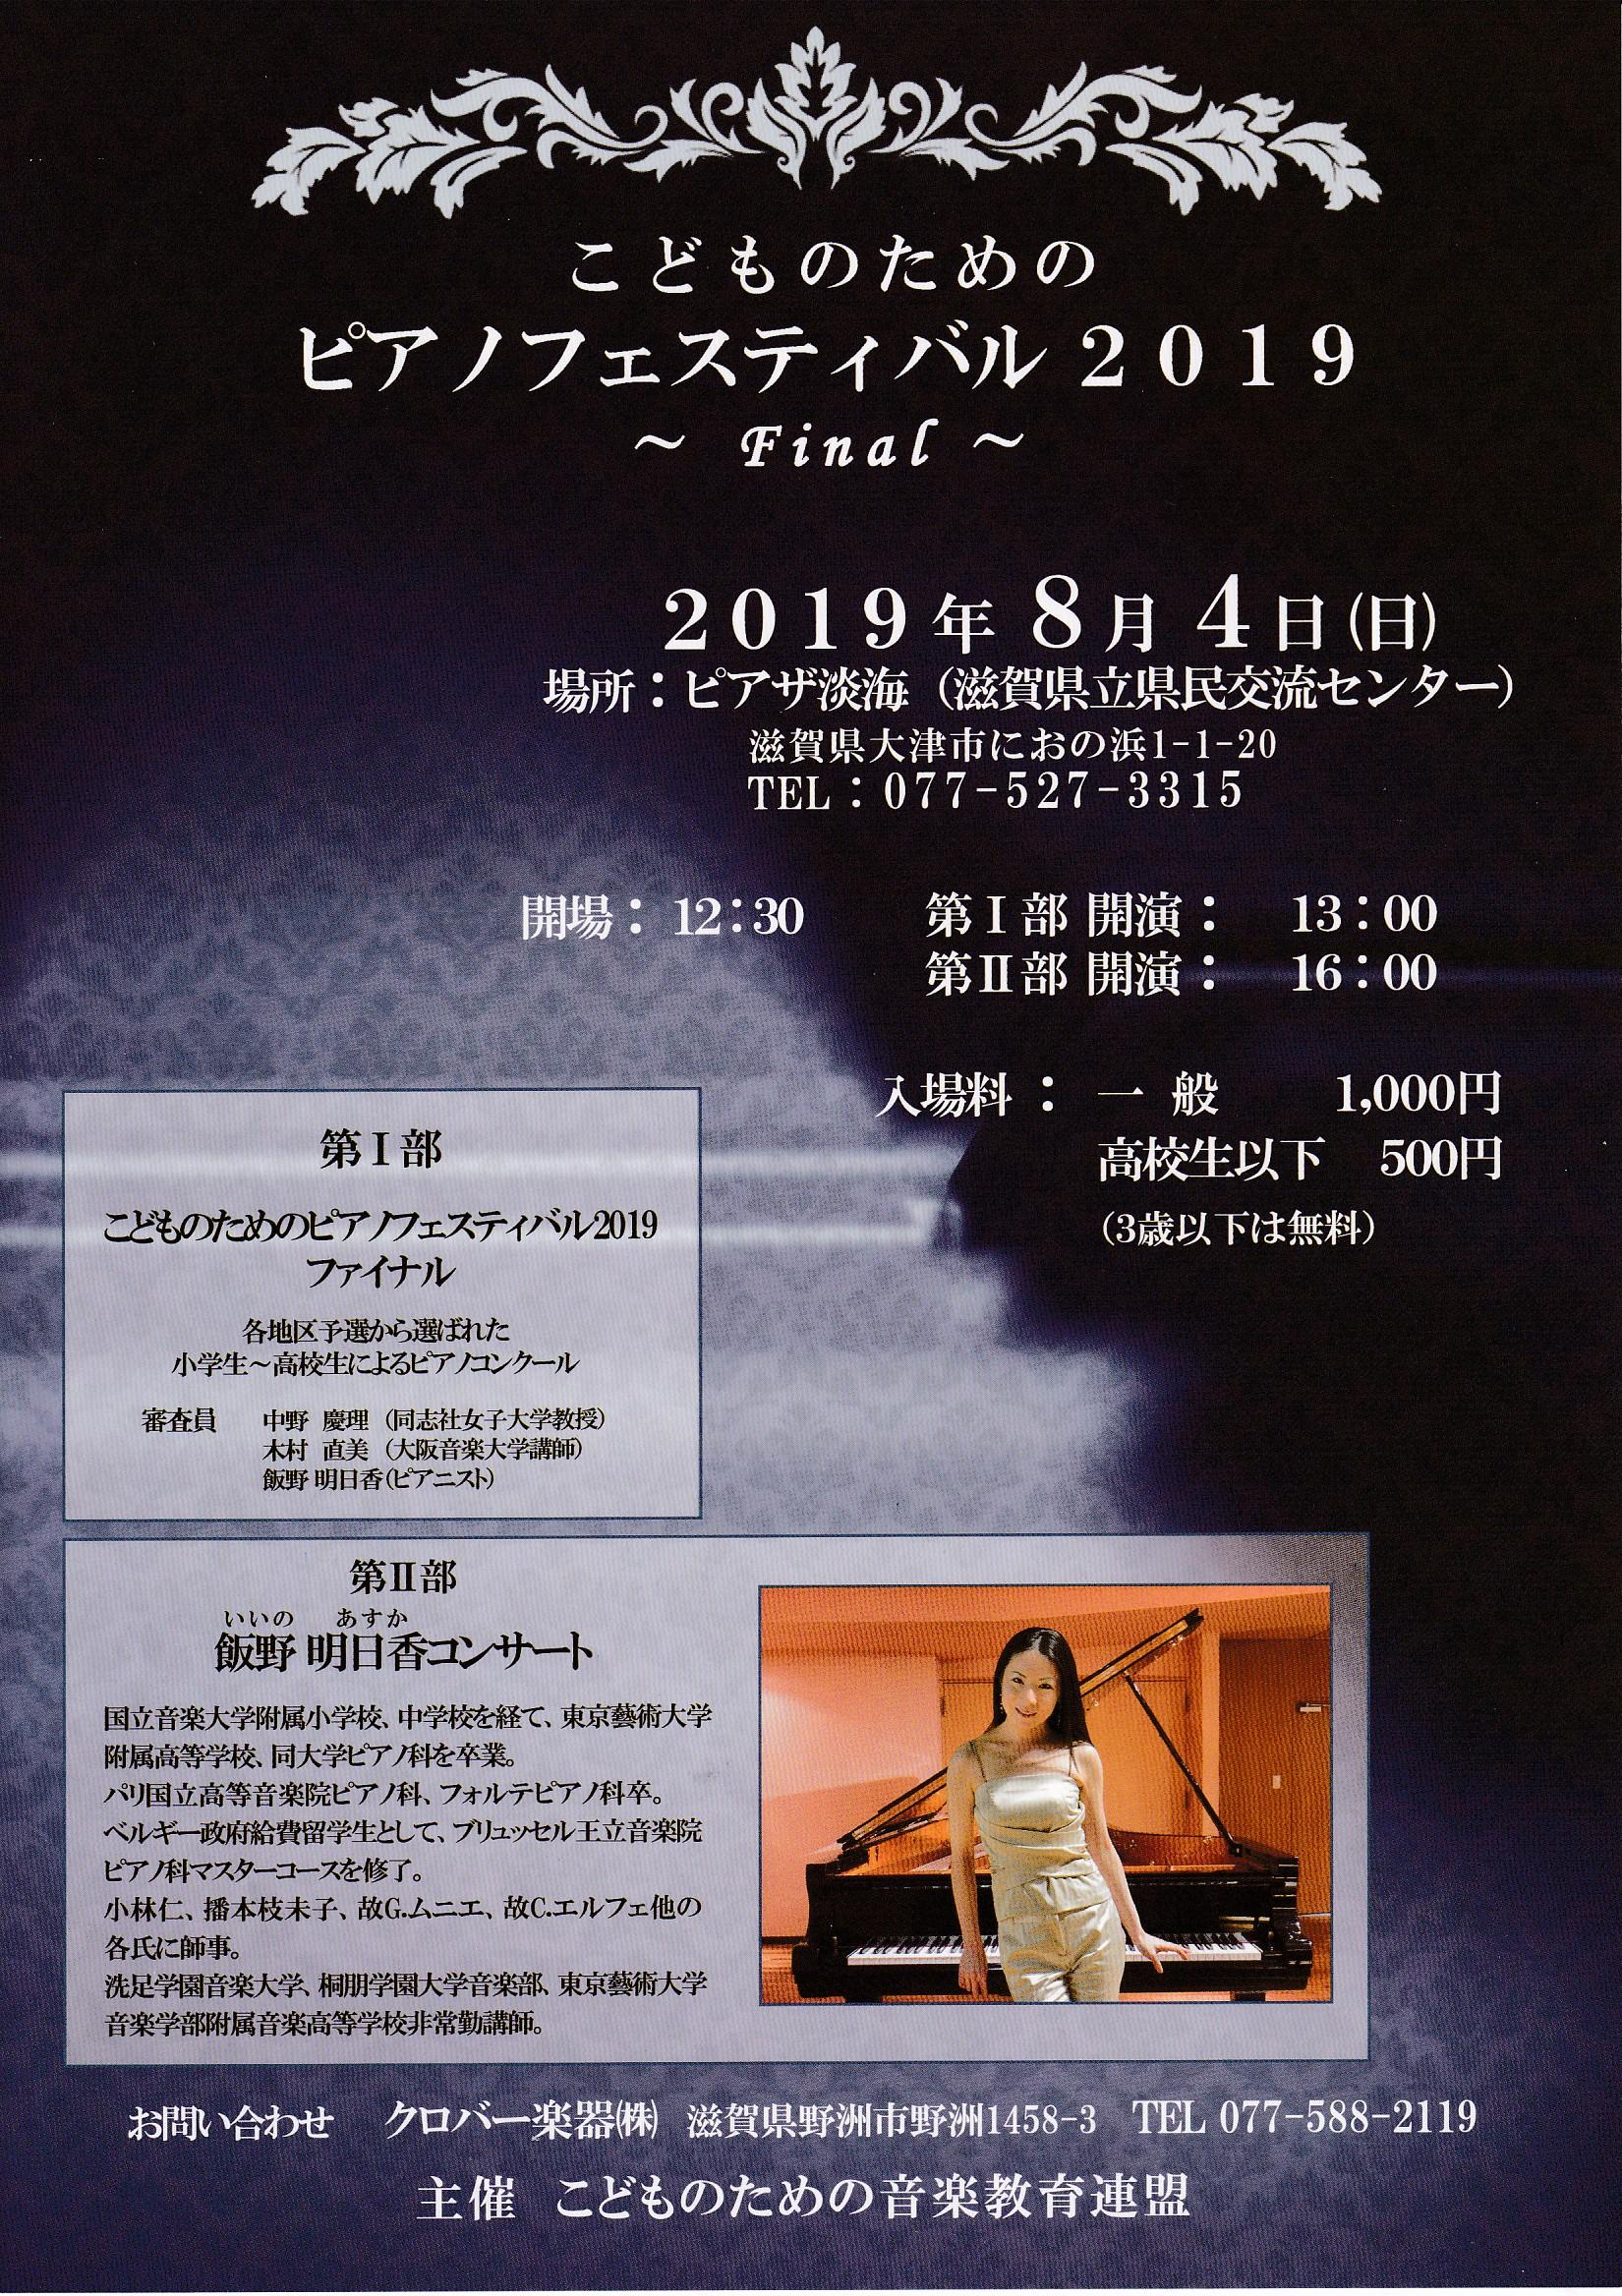 こどものためのピアノフェスティバル2019 ~Final~